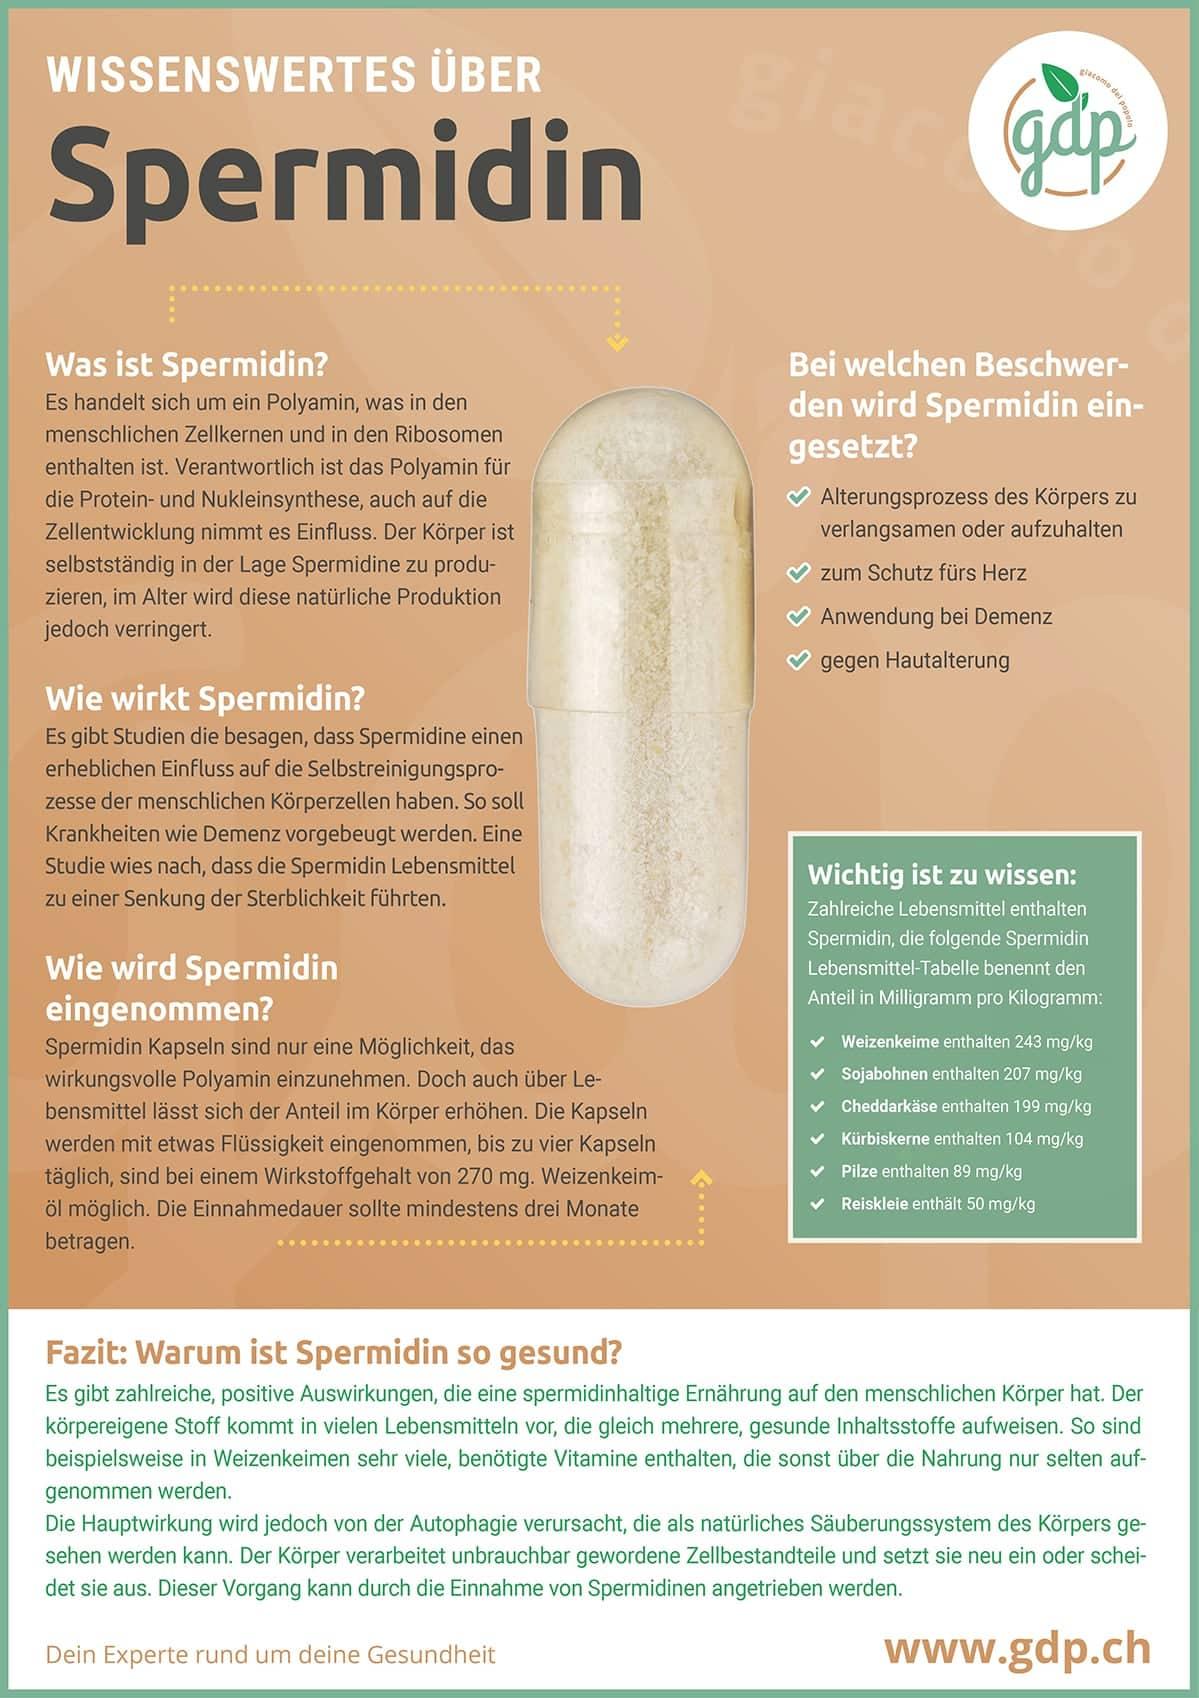 Infographie sur le pib de la spermidine